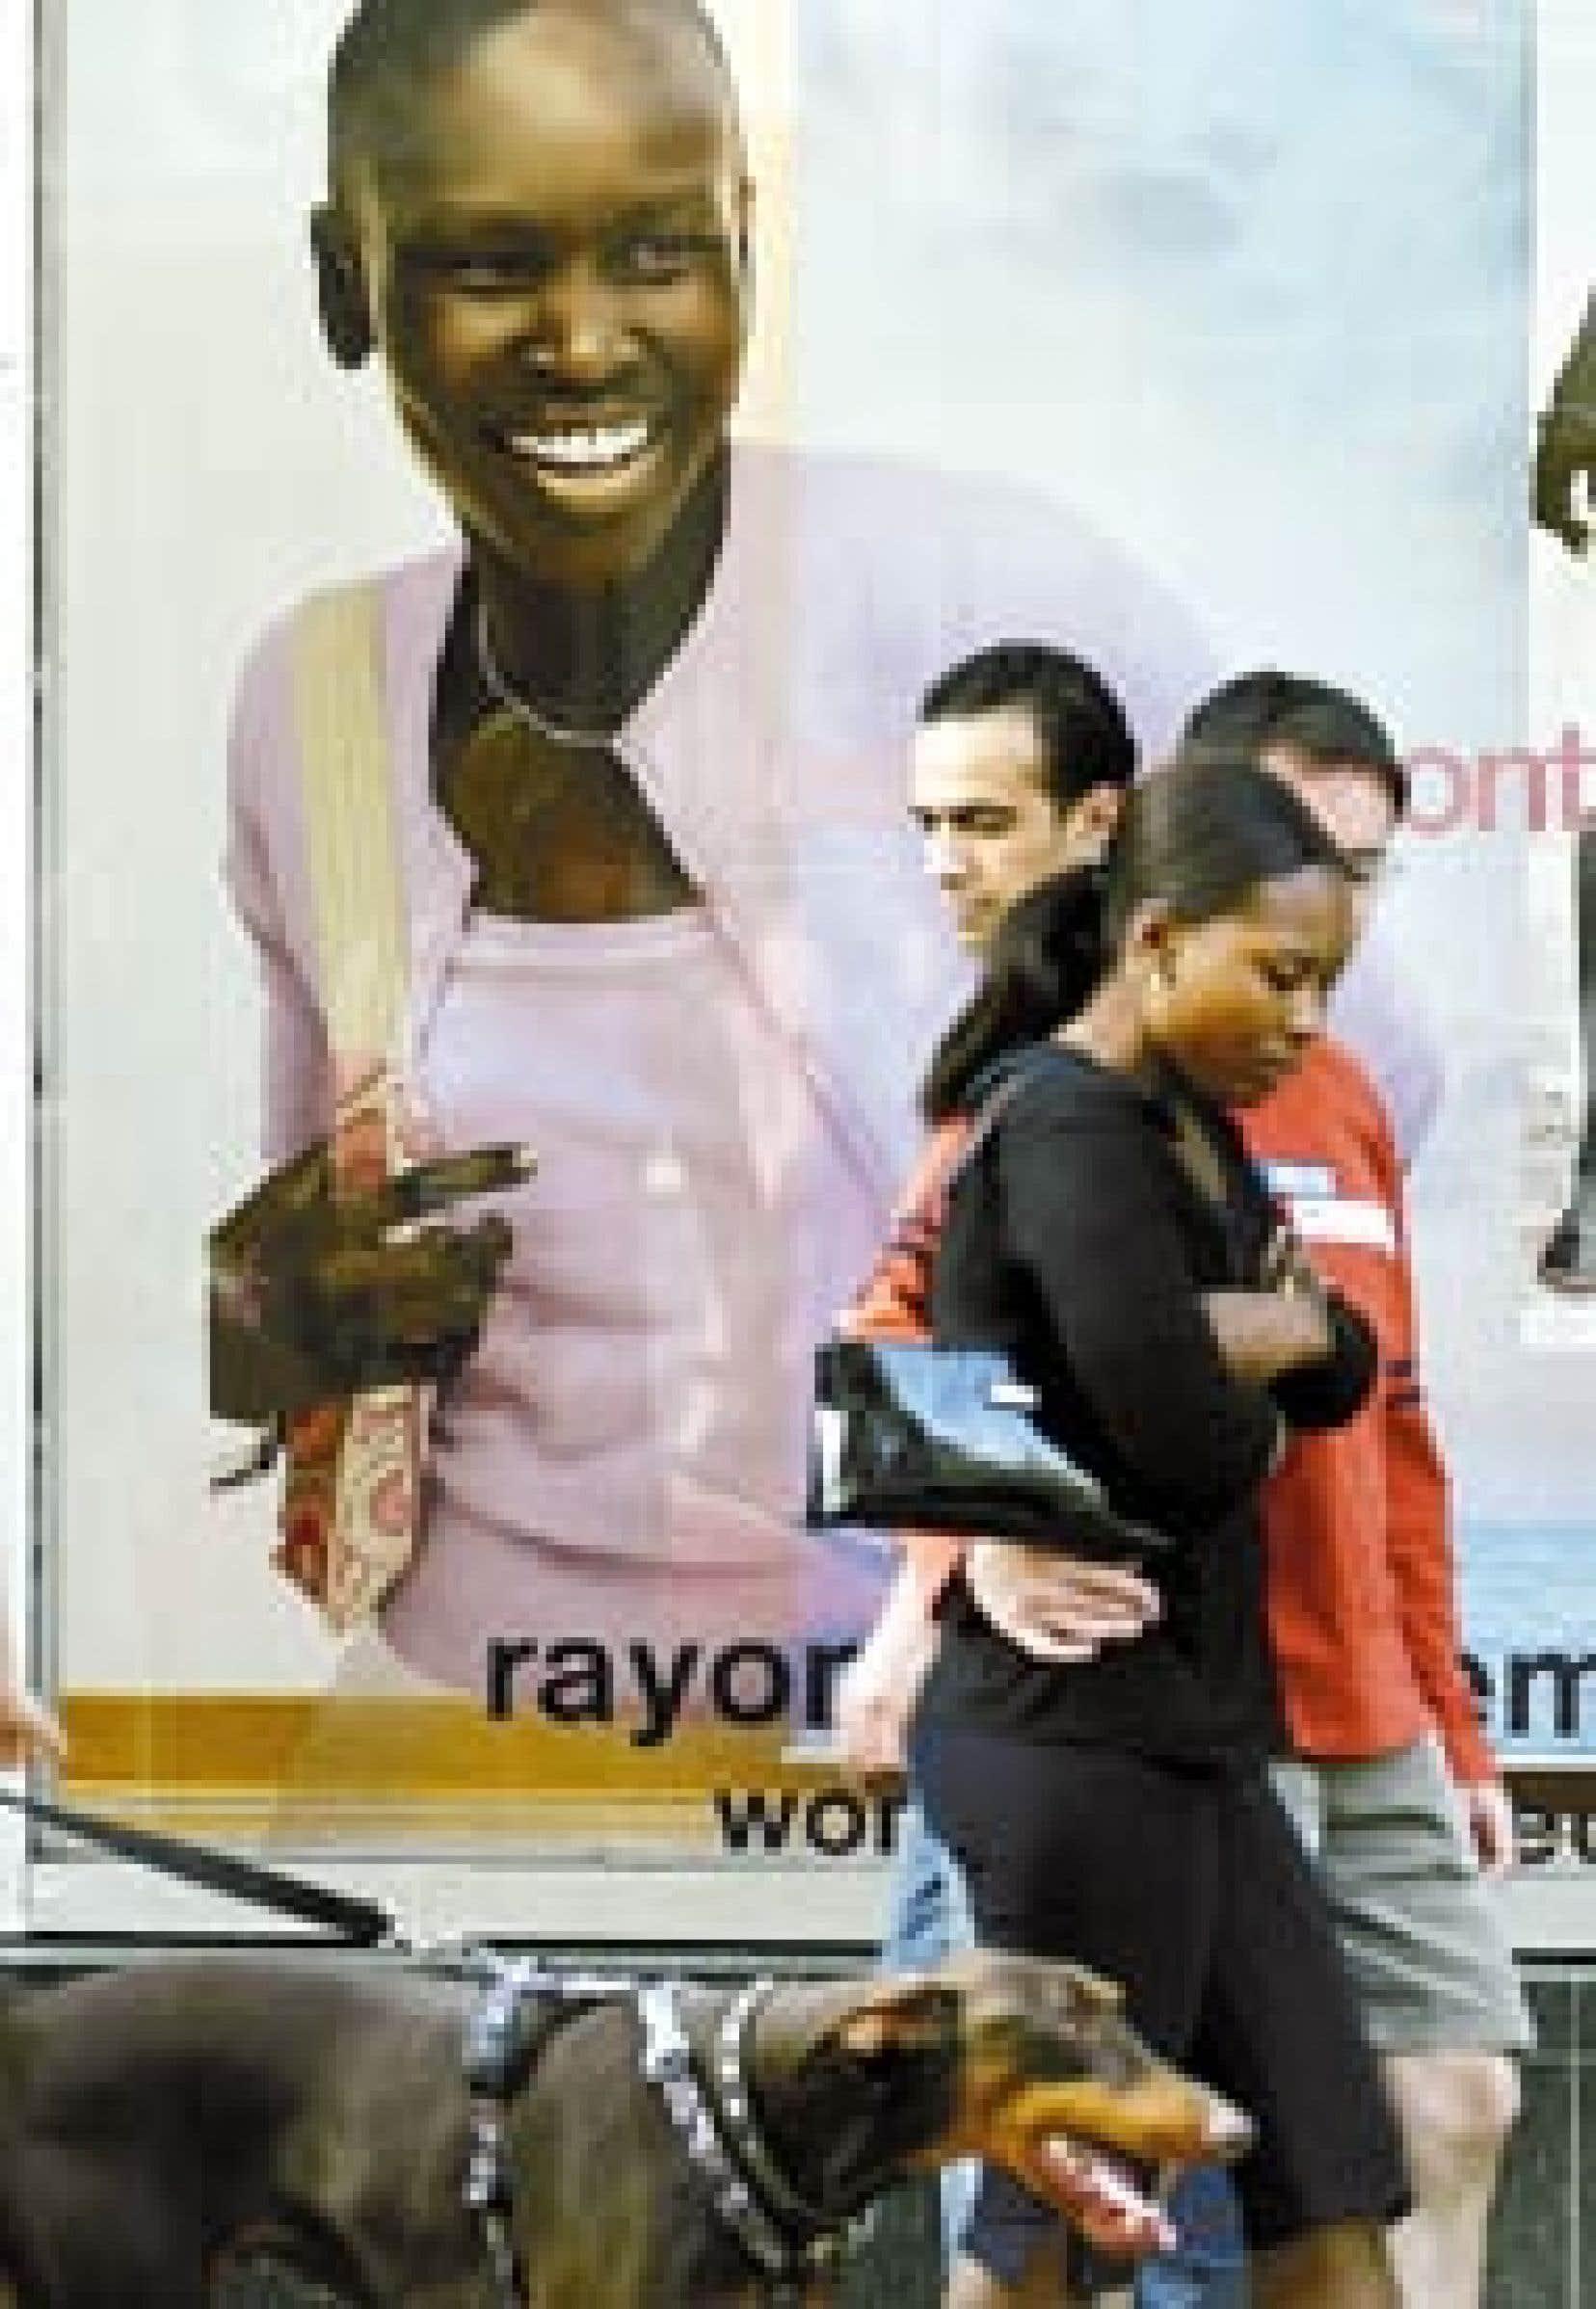 Les sourires abondent dans les vitrines du magasin Gap du centre-ville de Montréal. Dans les ateliers de ses fournisseurs, la situation n'est toutefois pas aussi rose. Le géant américain de la confection a reconnu que nombre de ses 3000 fournisseurs